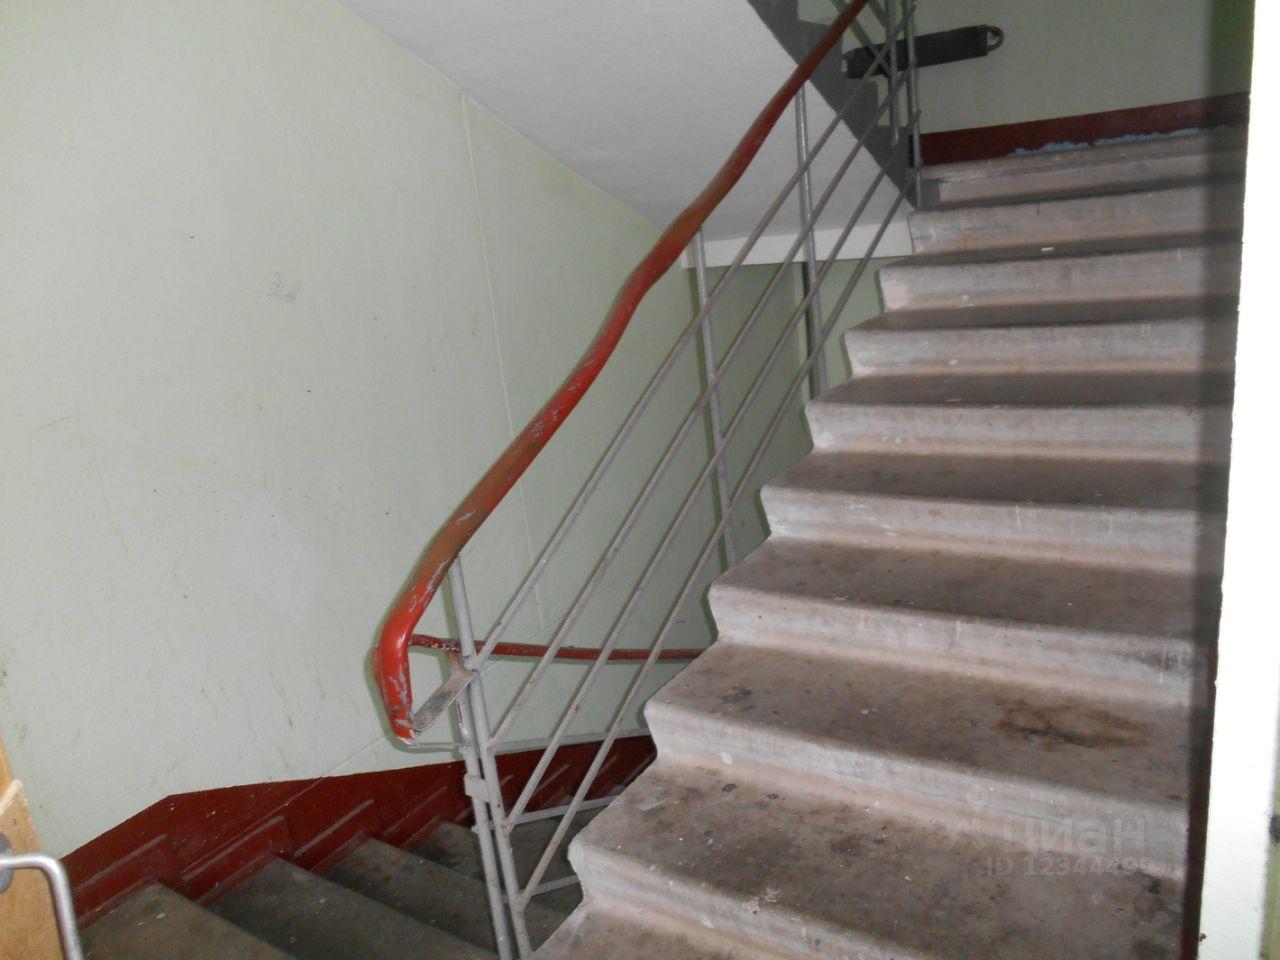 продается трехкомнатная квартира Химки городской округ, город Химки, Юбилейный проезд, д. 6